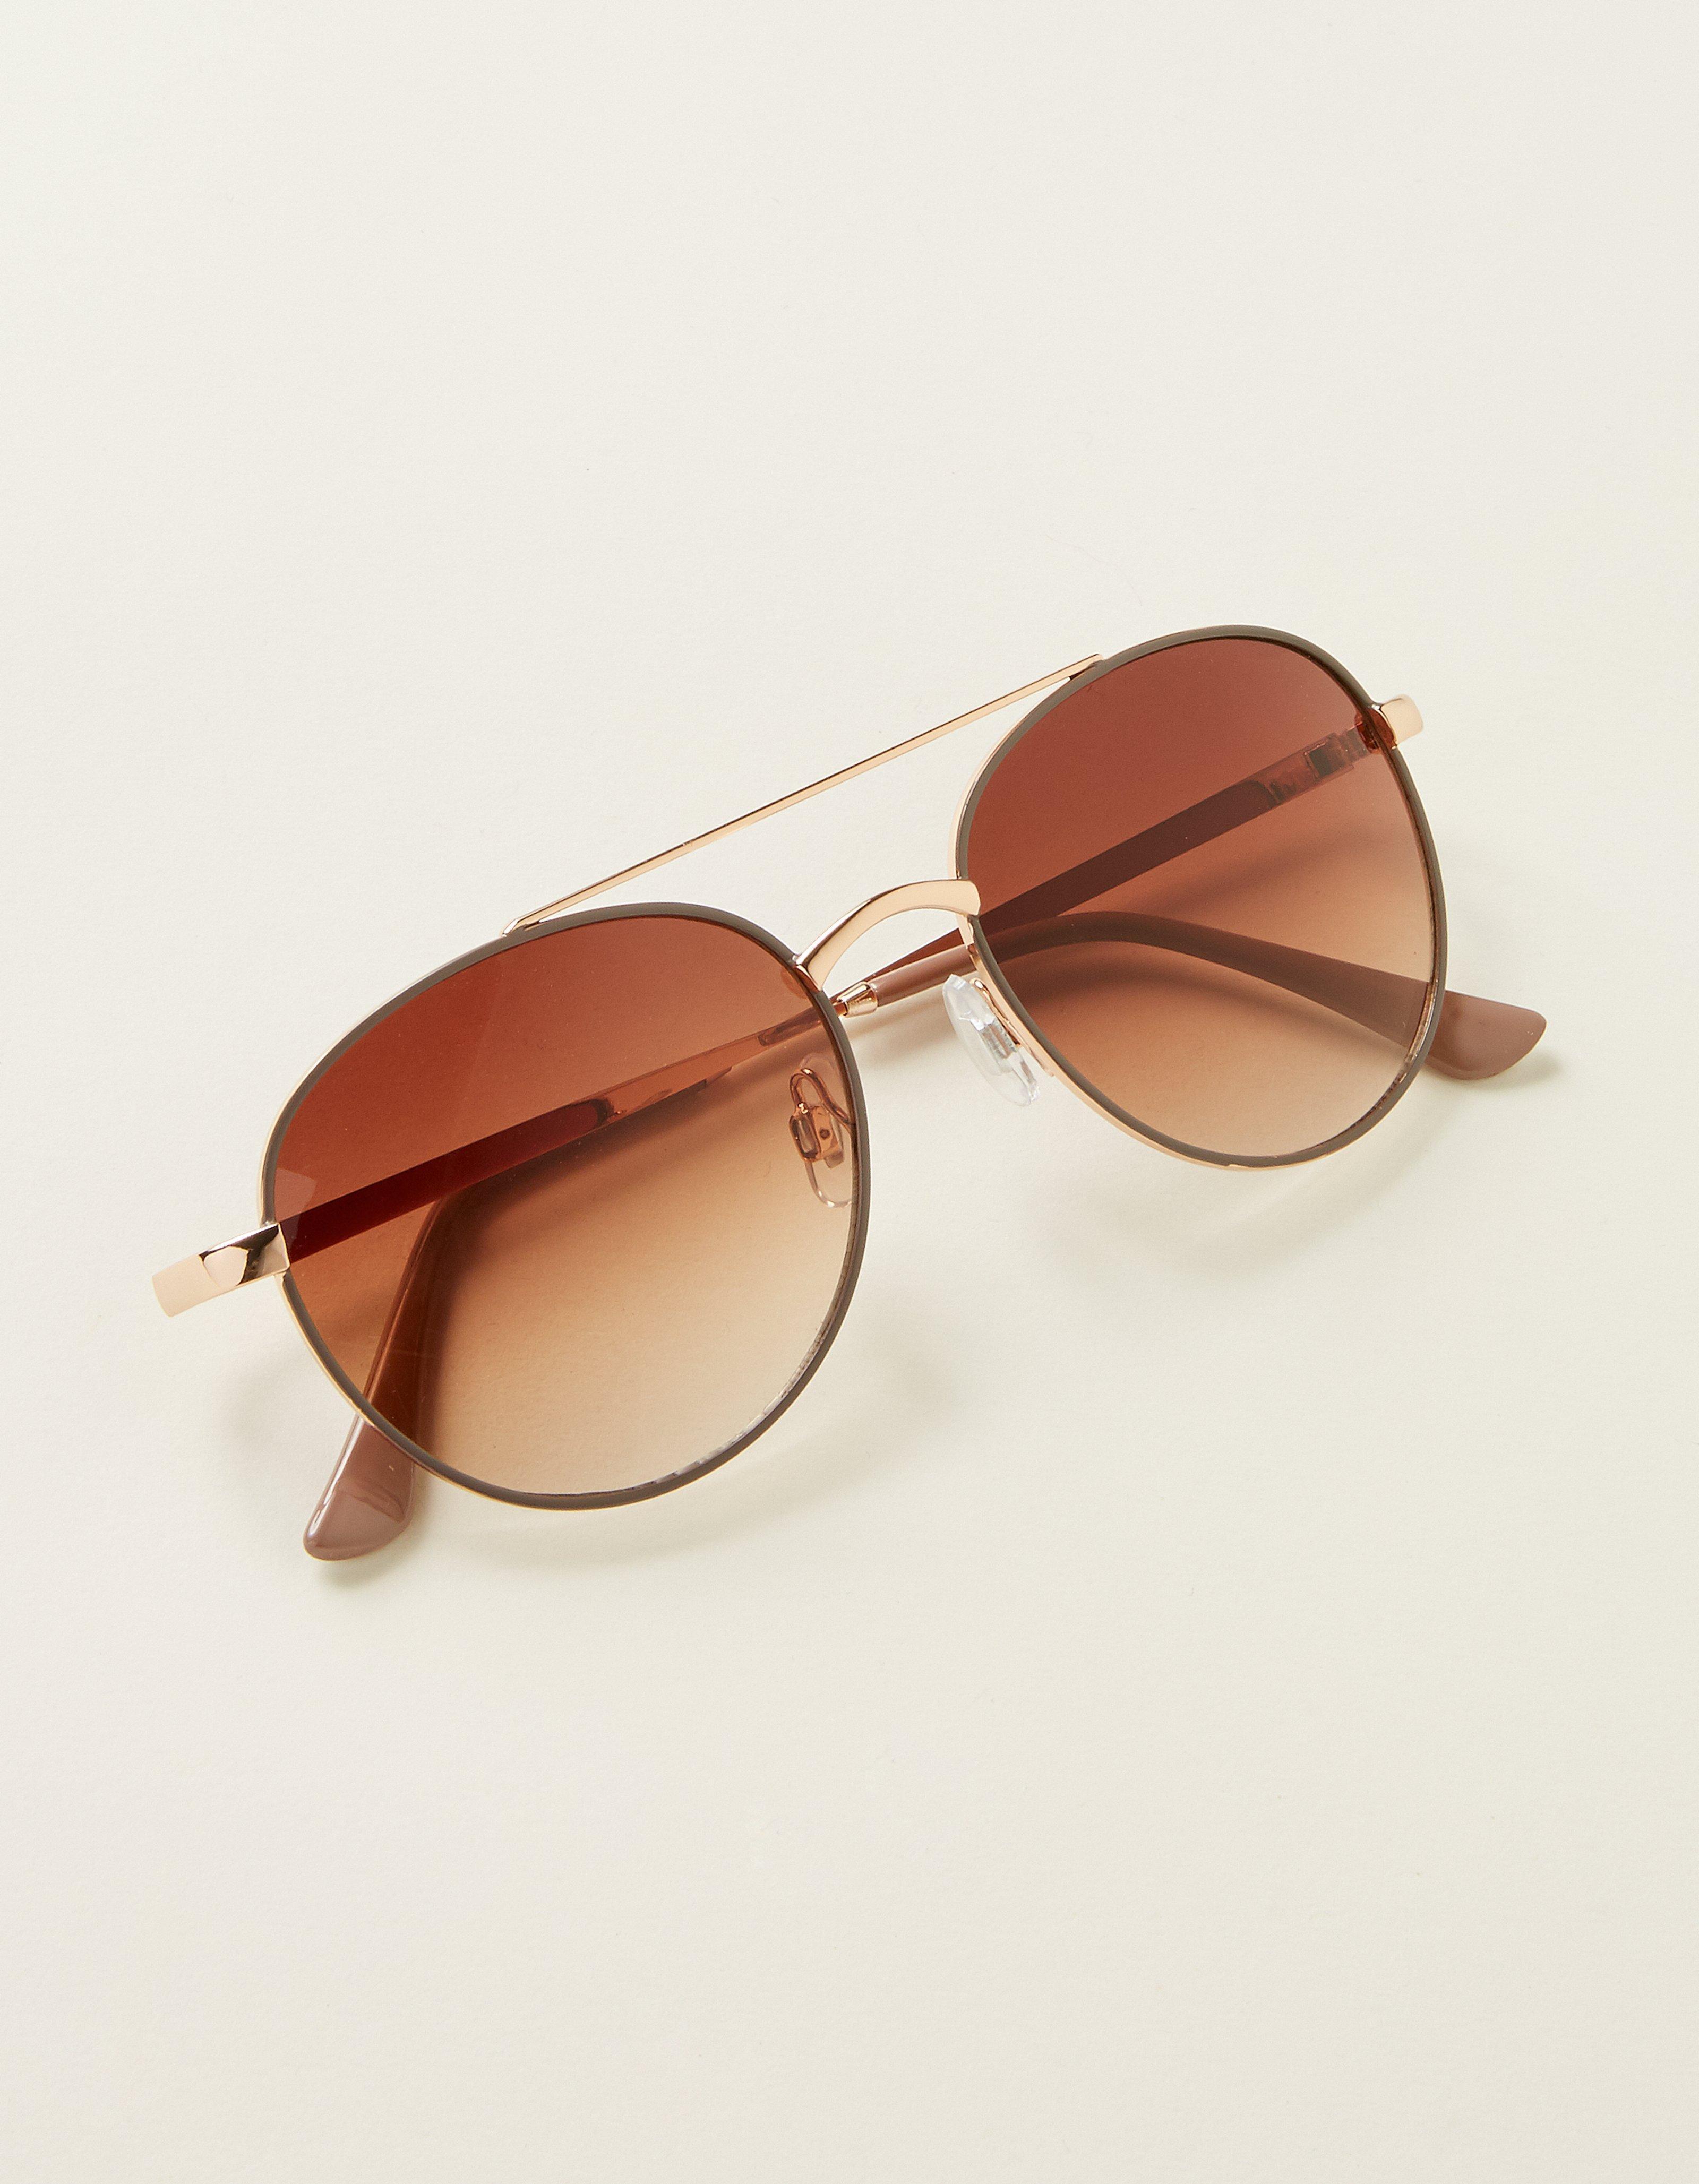 6511577b9c Fat Face Round Pilot Sunglasses - Fat Face at Westquay - Shop Online